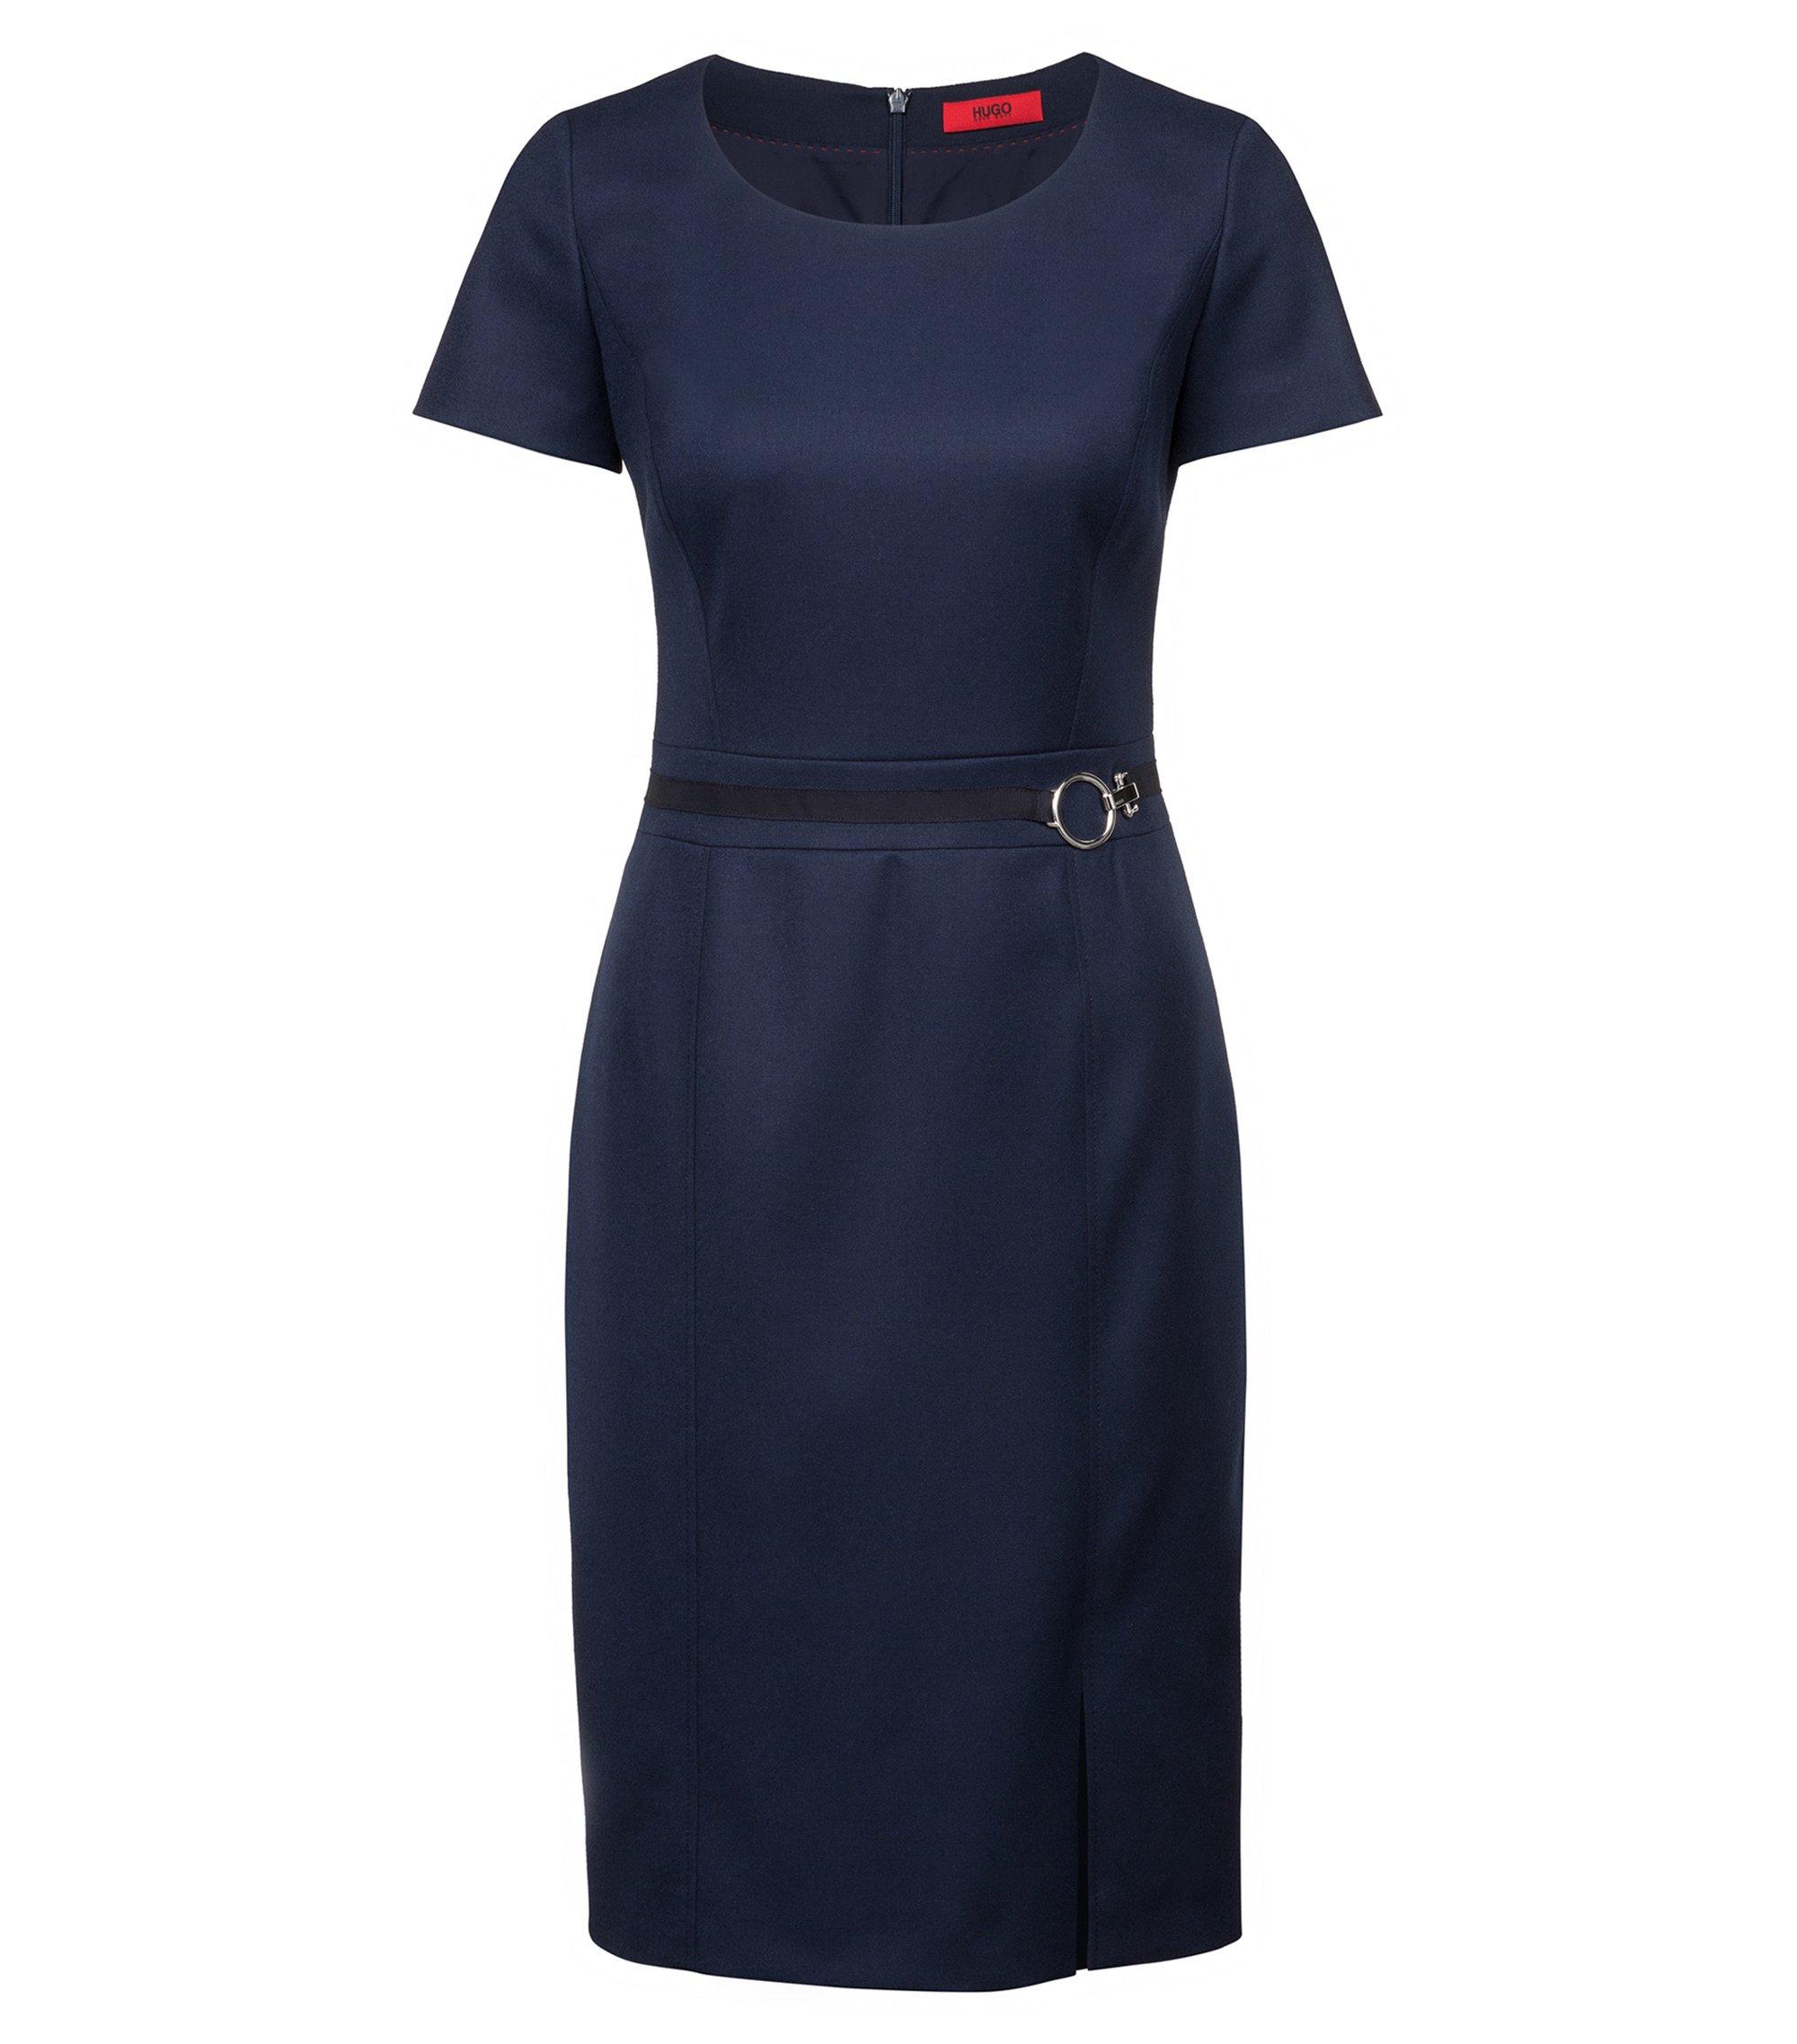 Robe droite à manches courtes avec boucle logo, Bleu foncé